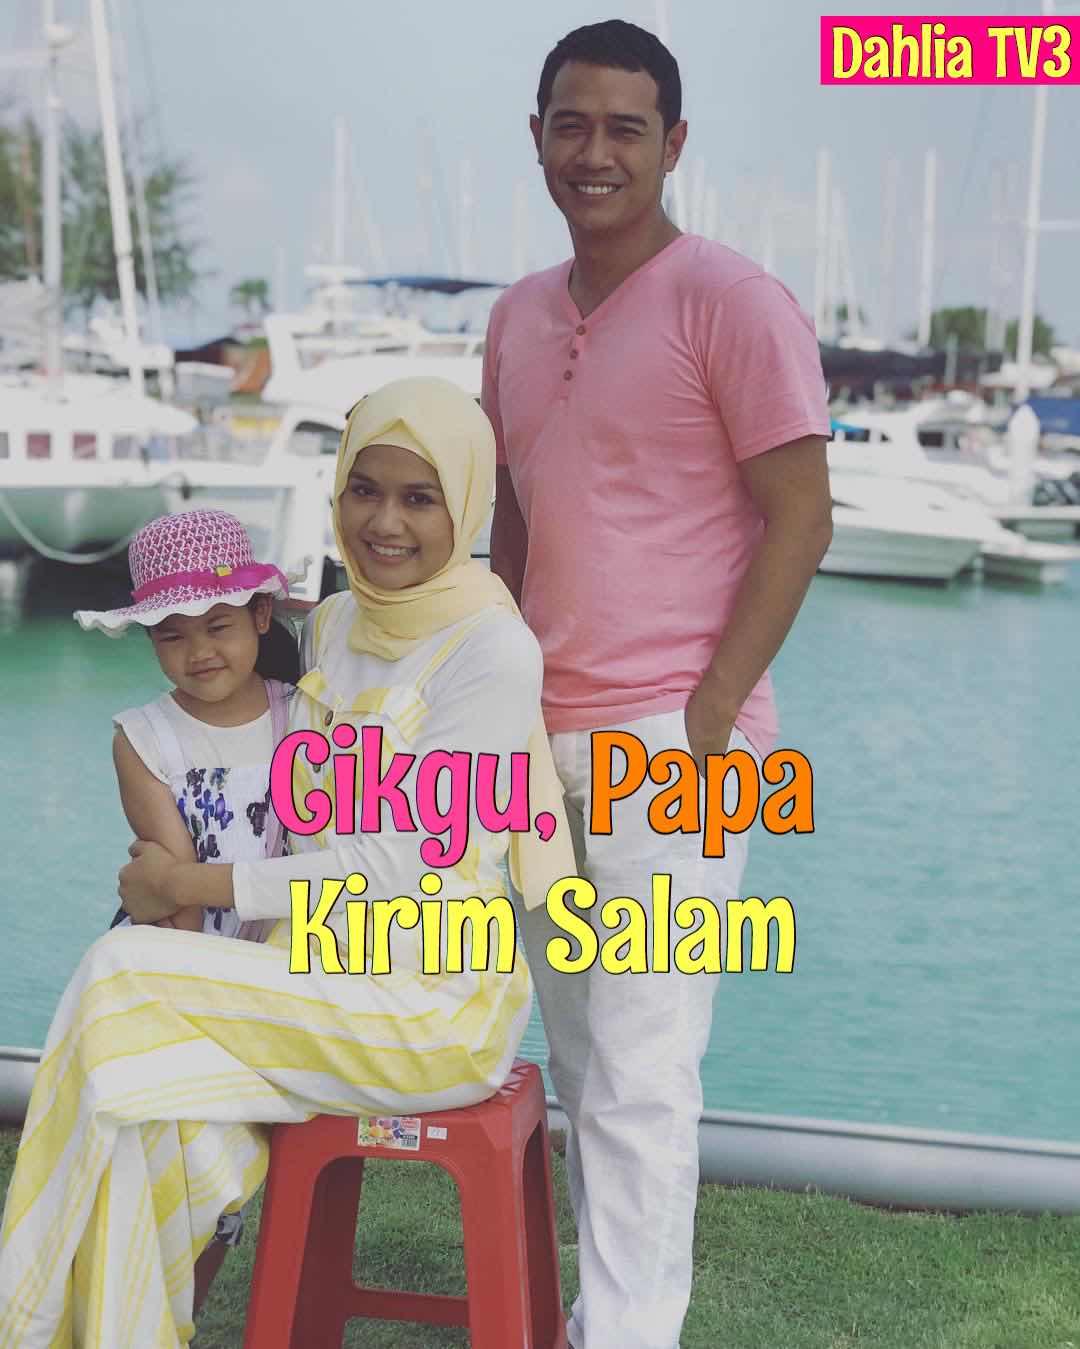 Permalink to Drama Cikgu, Papa Kirim Salam akan datang di slot Dahlia TV3